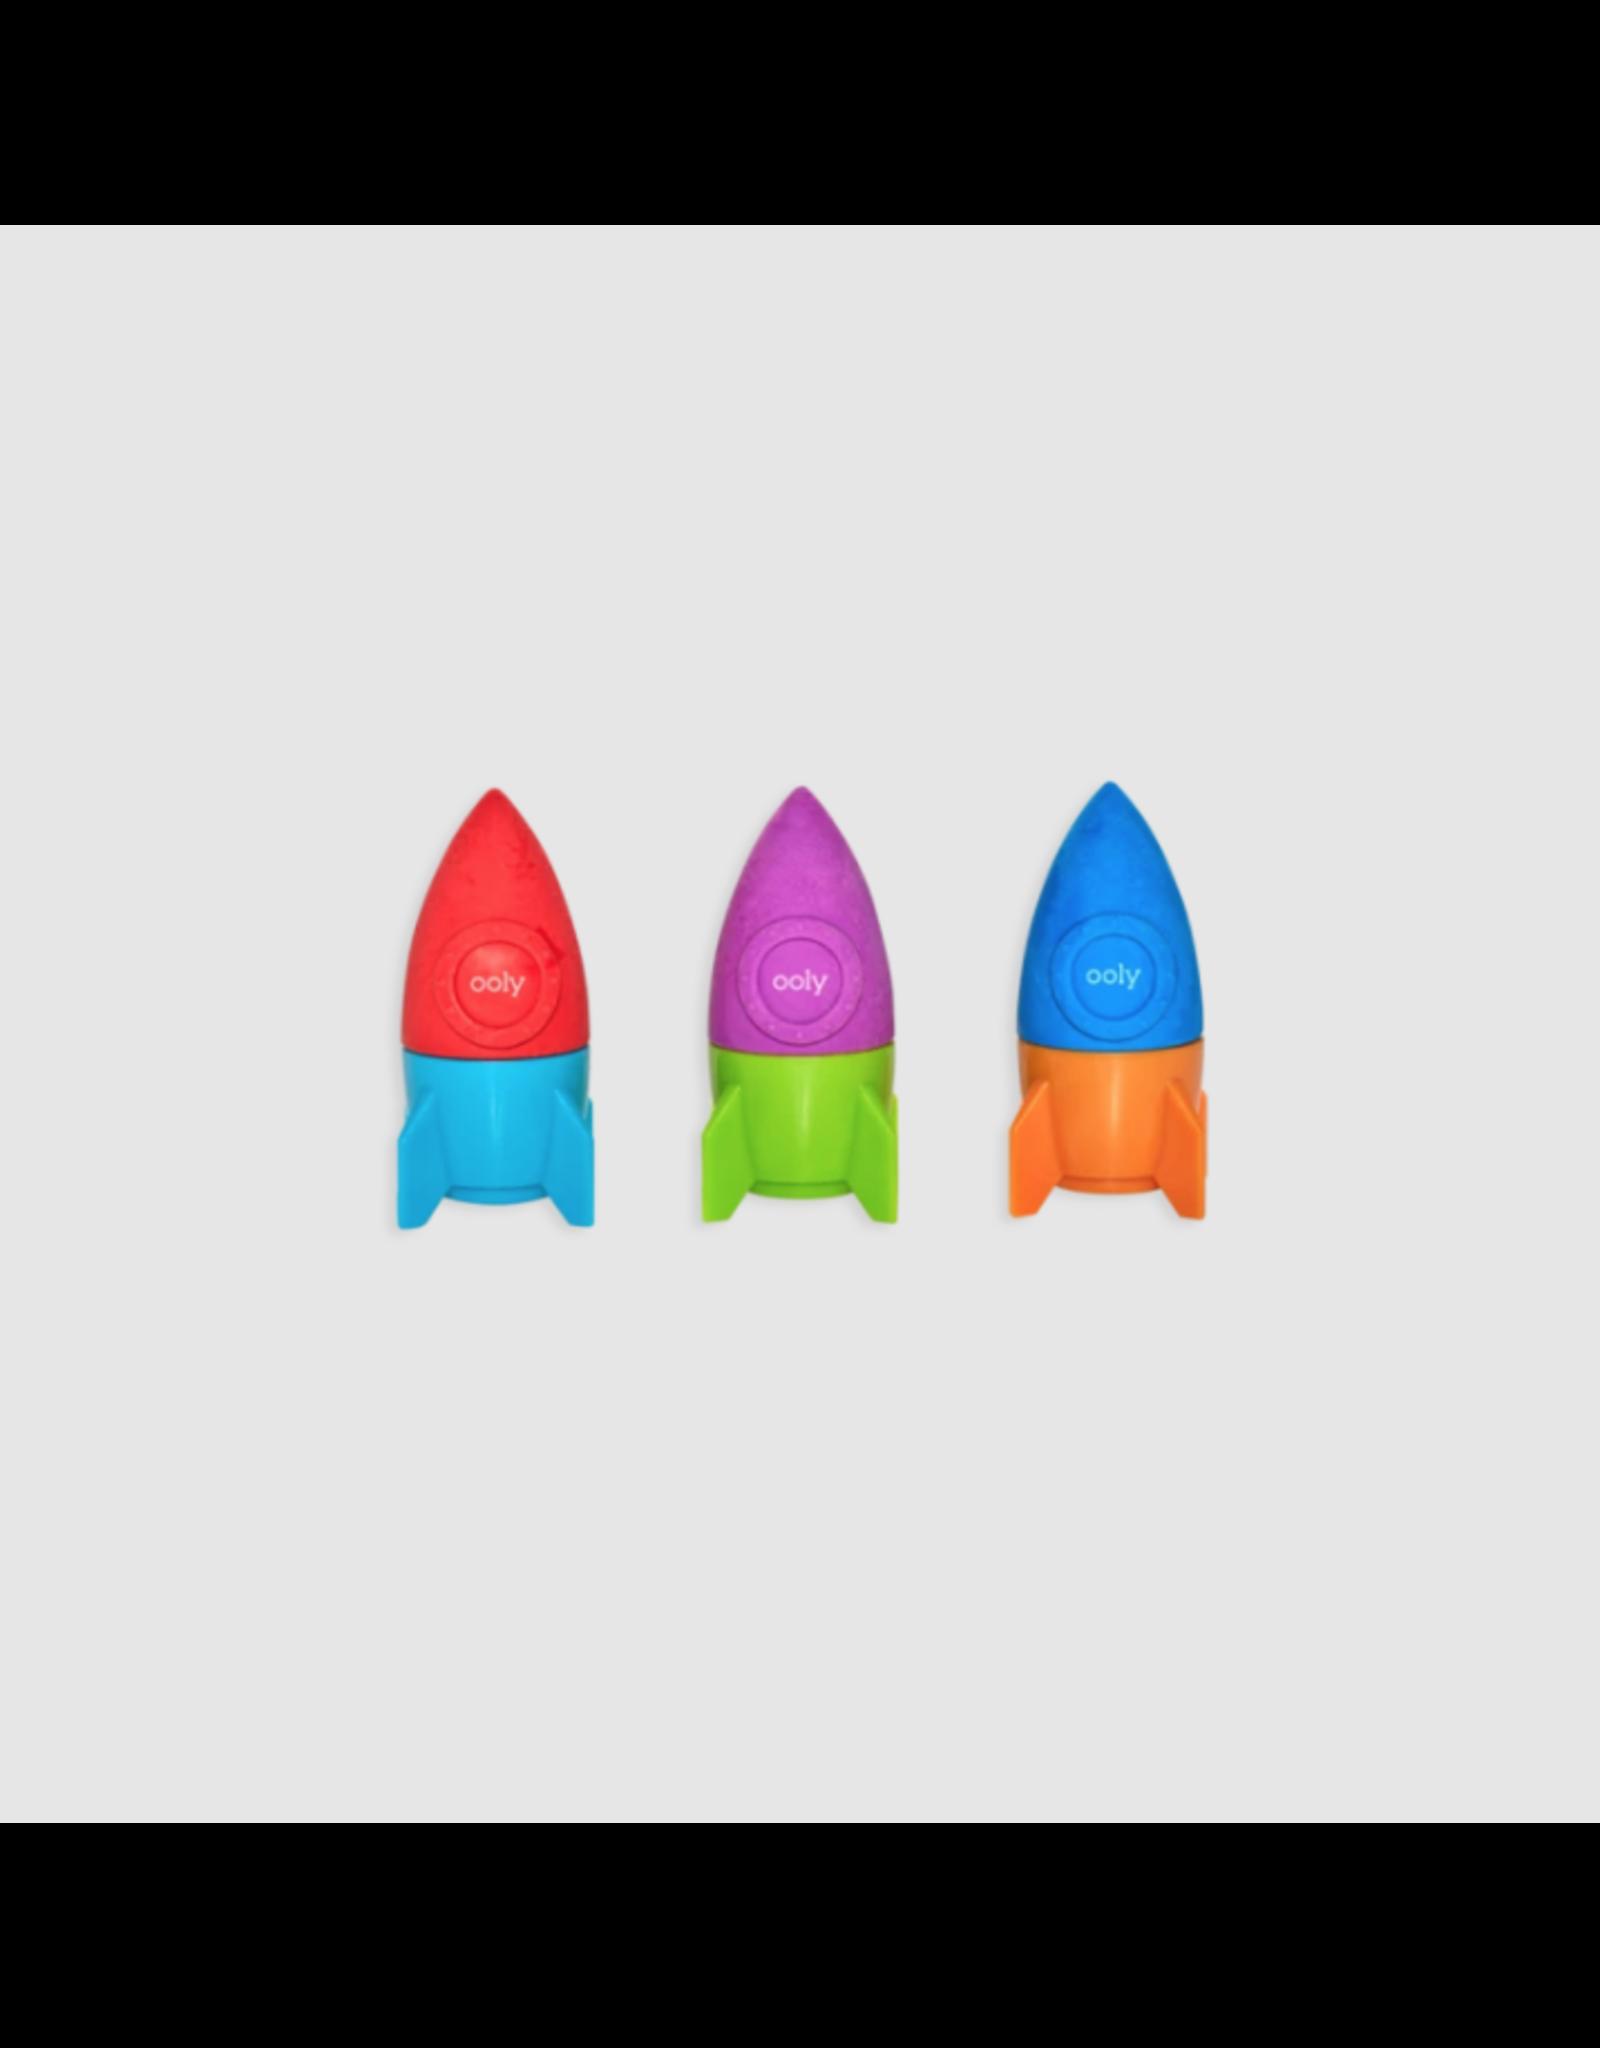 Ooly Blast Off Eraser & Pencil Sharpener Assortment